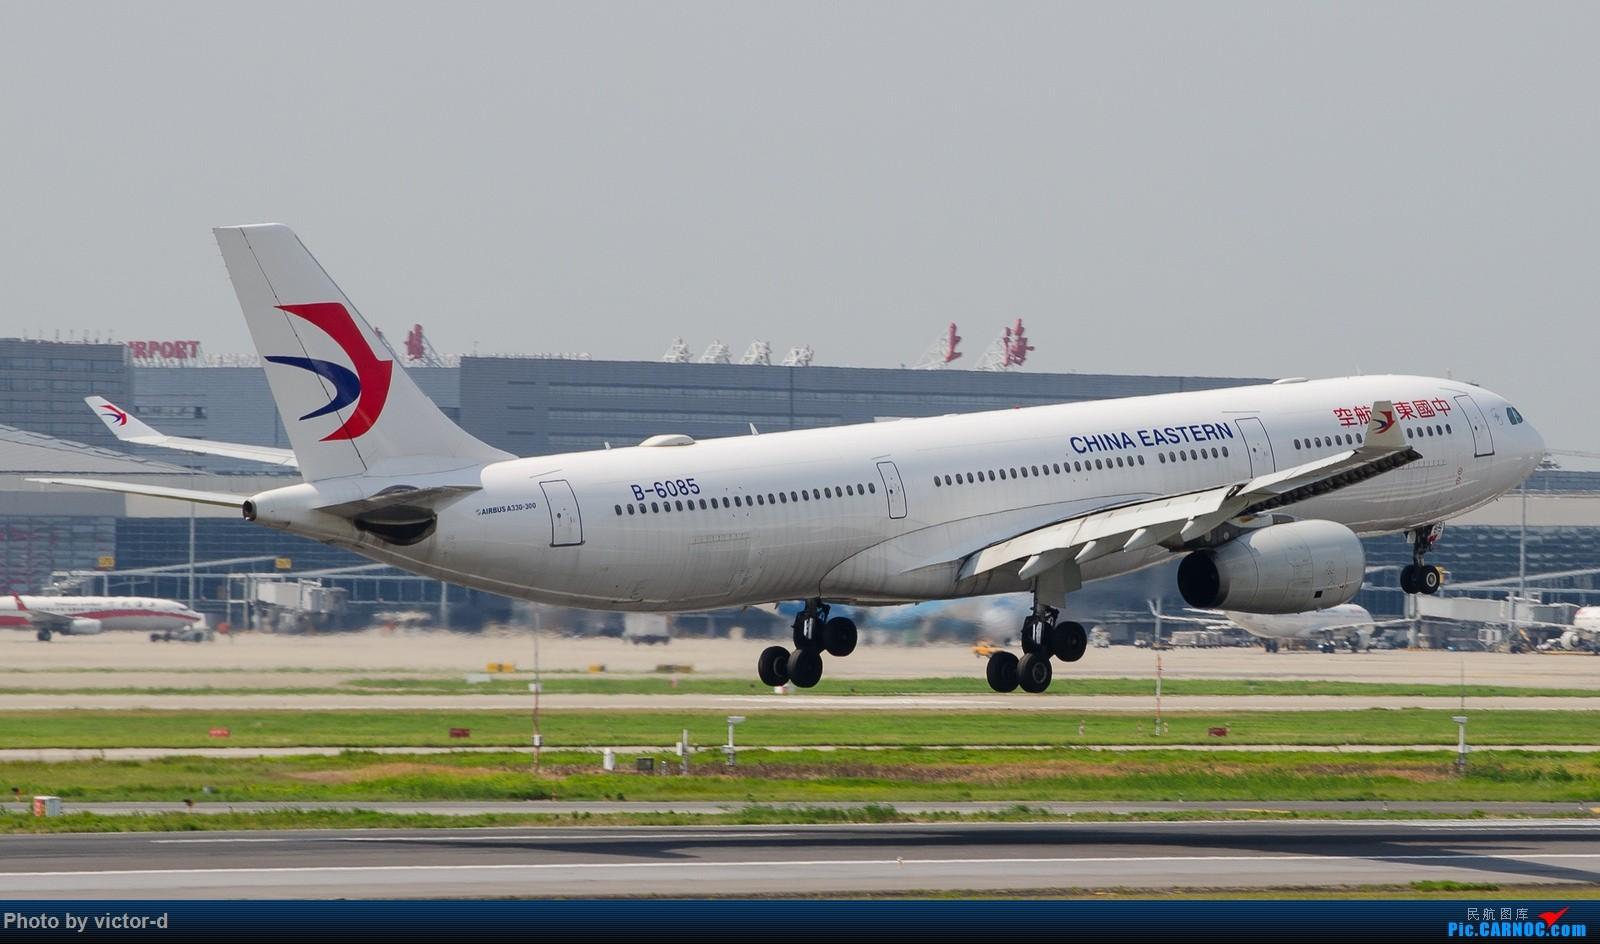 Re:[原创]【上海】拍机记录帖-记录这些年拍到的飞机 AIRBUS A330-300 B-6085 中国上海虹桥国际机场